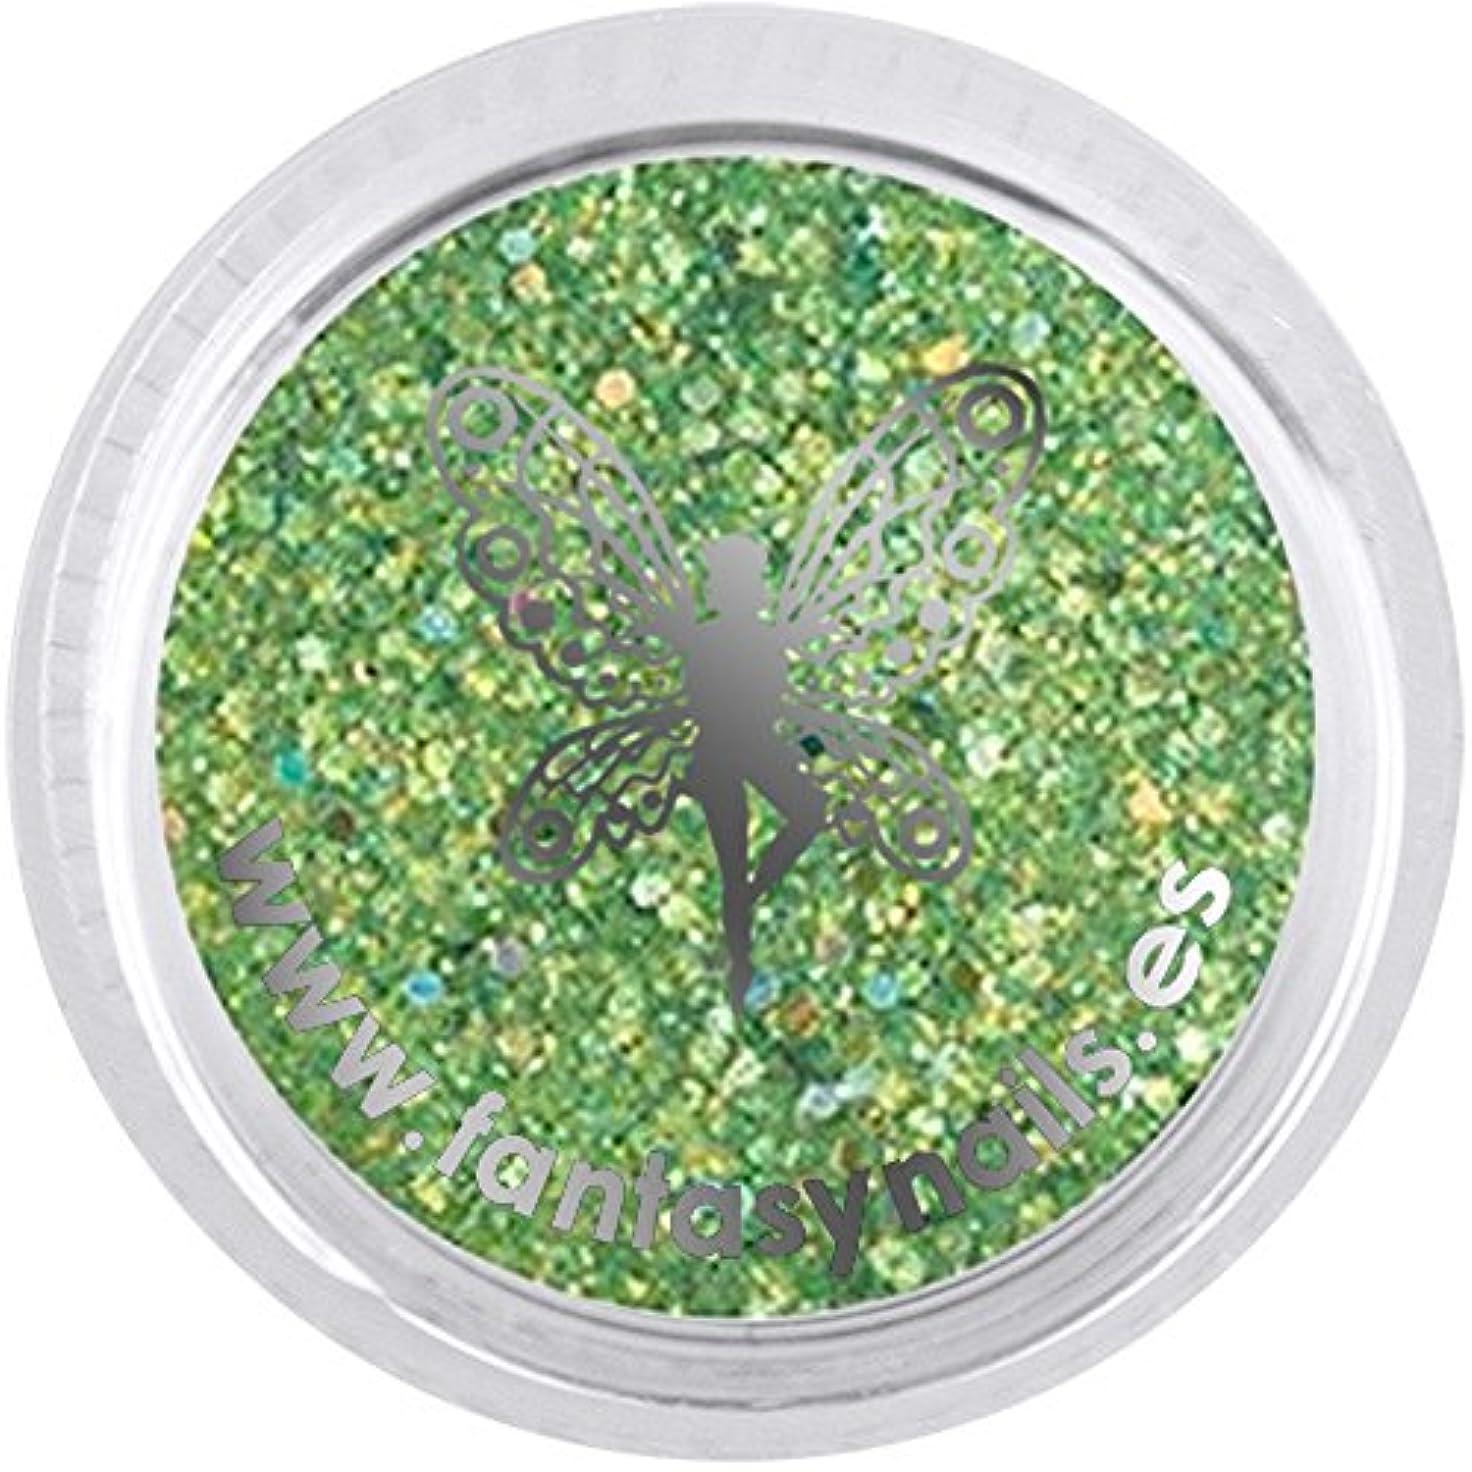 まぶしさアナリストカップFANTASY NAIL ダイヤモンドコレクション 3g 4265XS カラーパウダー アート材